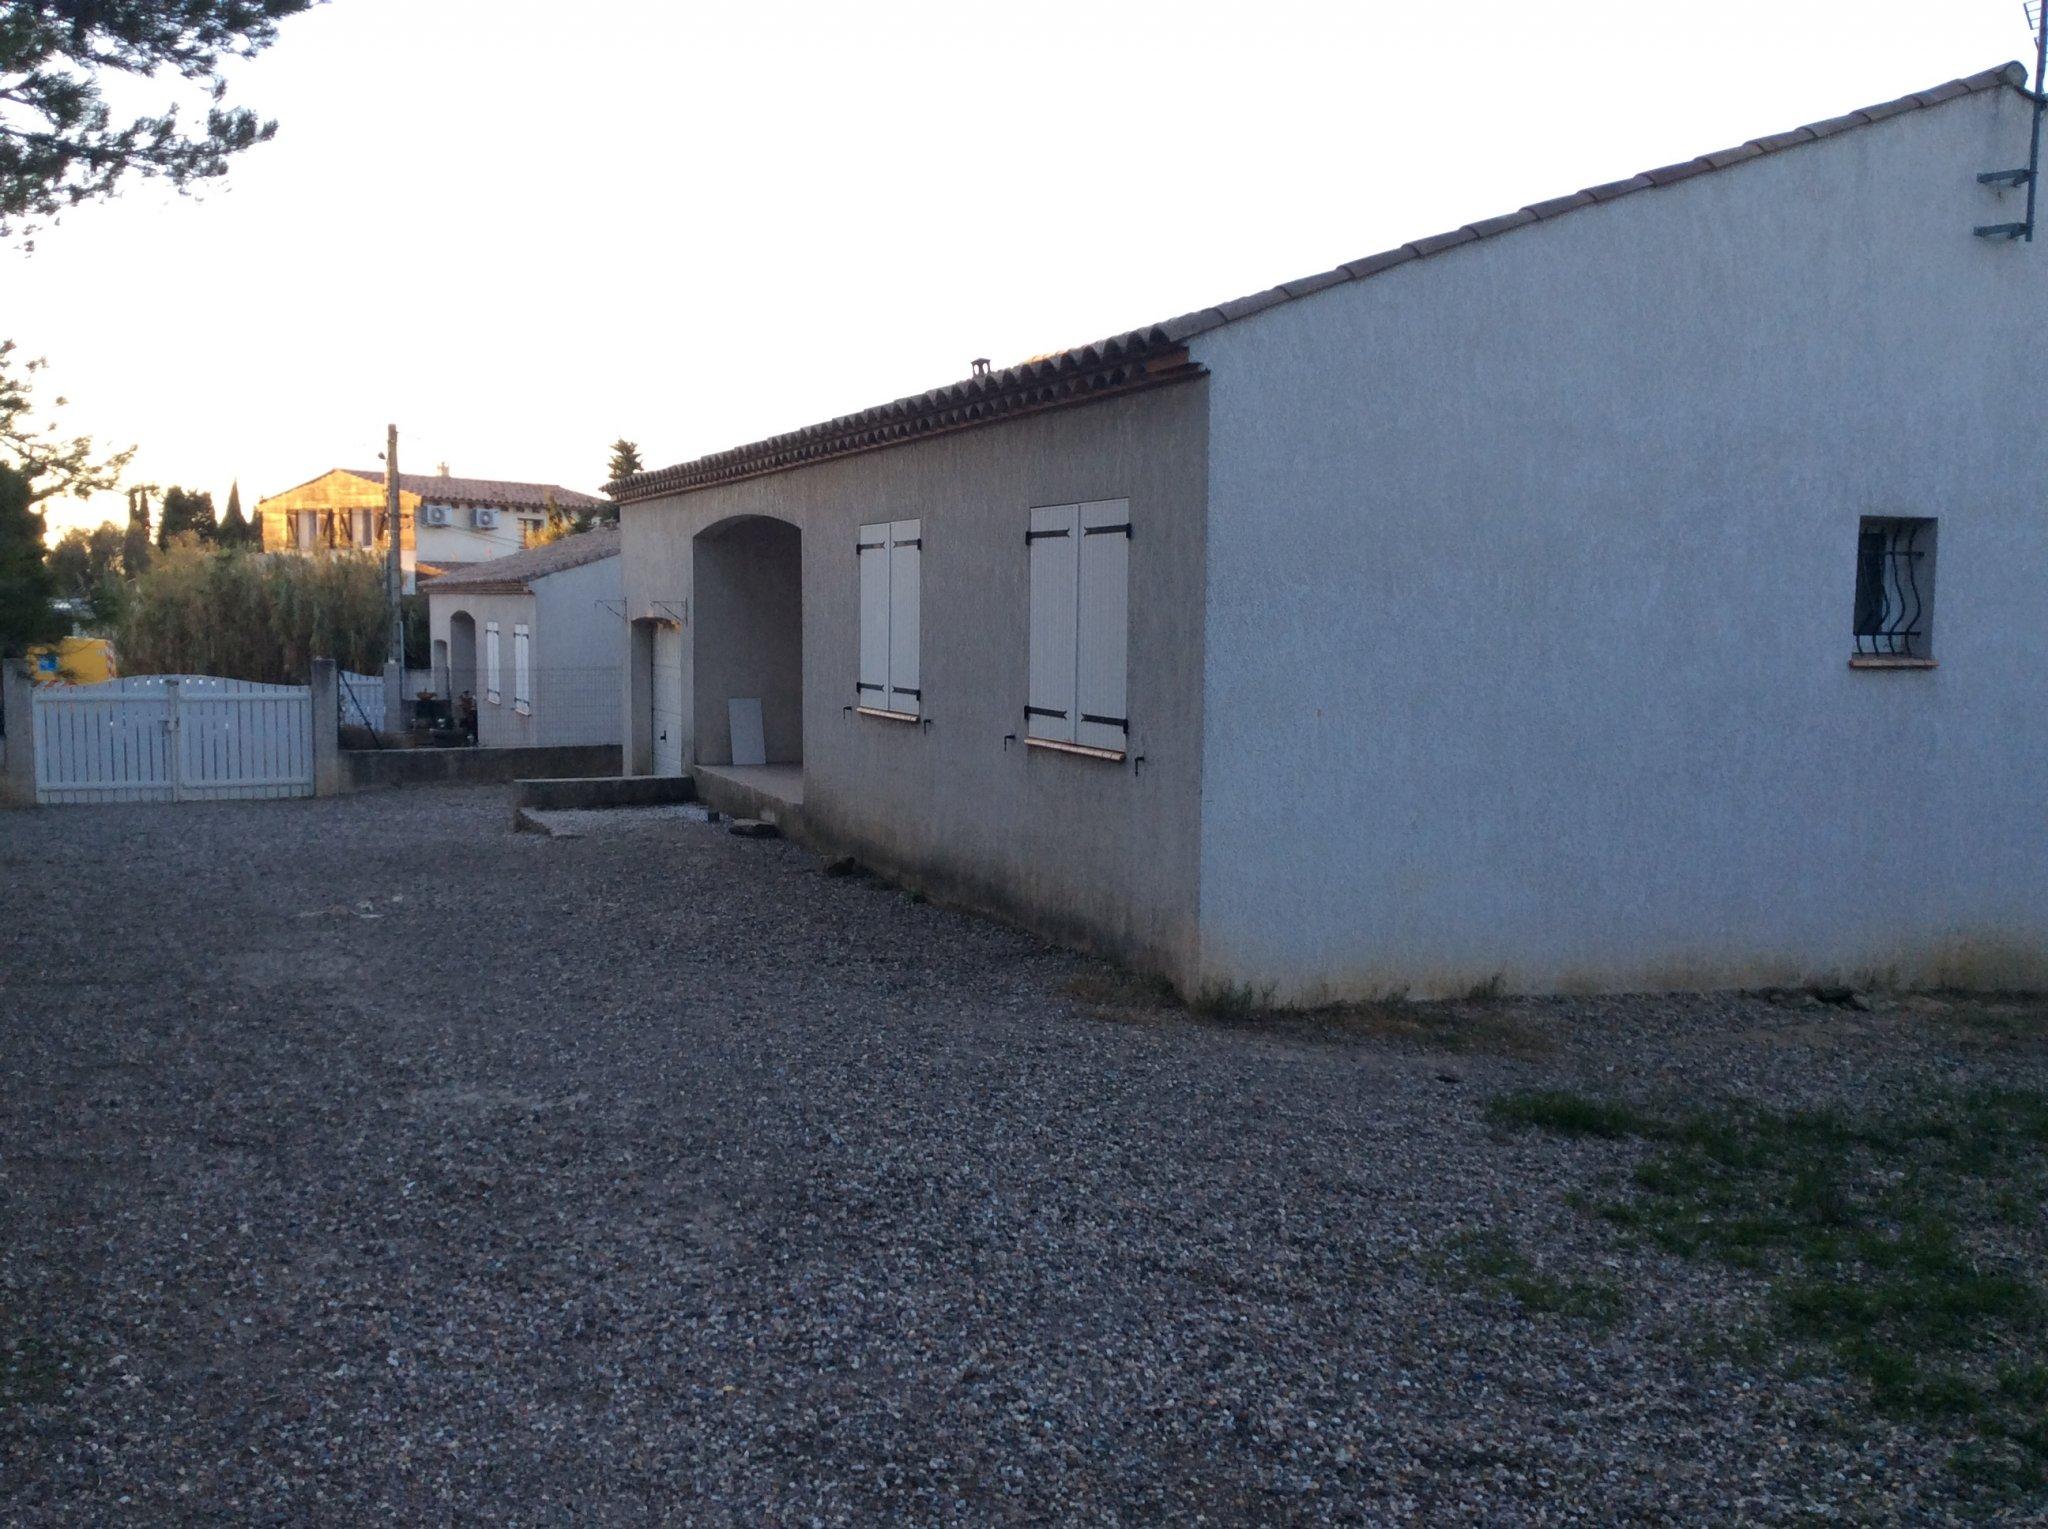 Maison louer hameau carcassonnais vue degagee for Agence immobiliere maison a louer